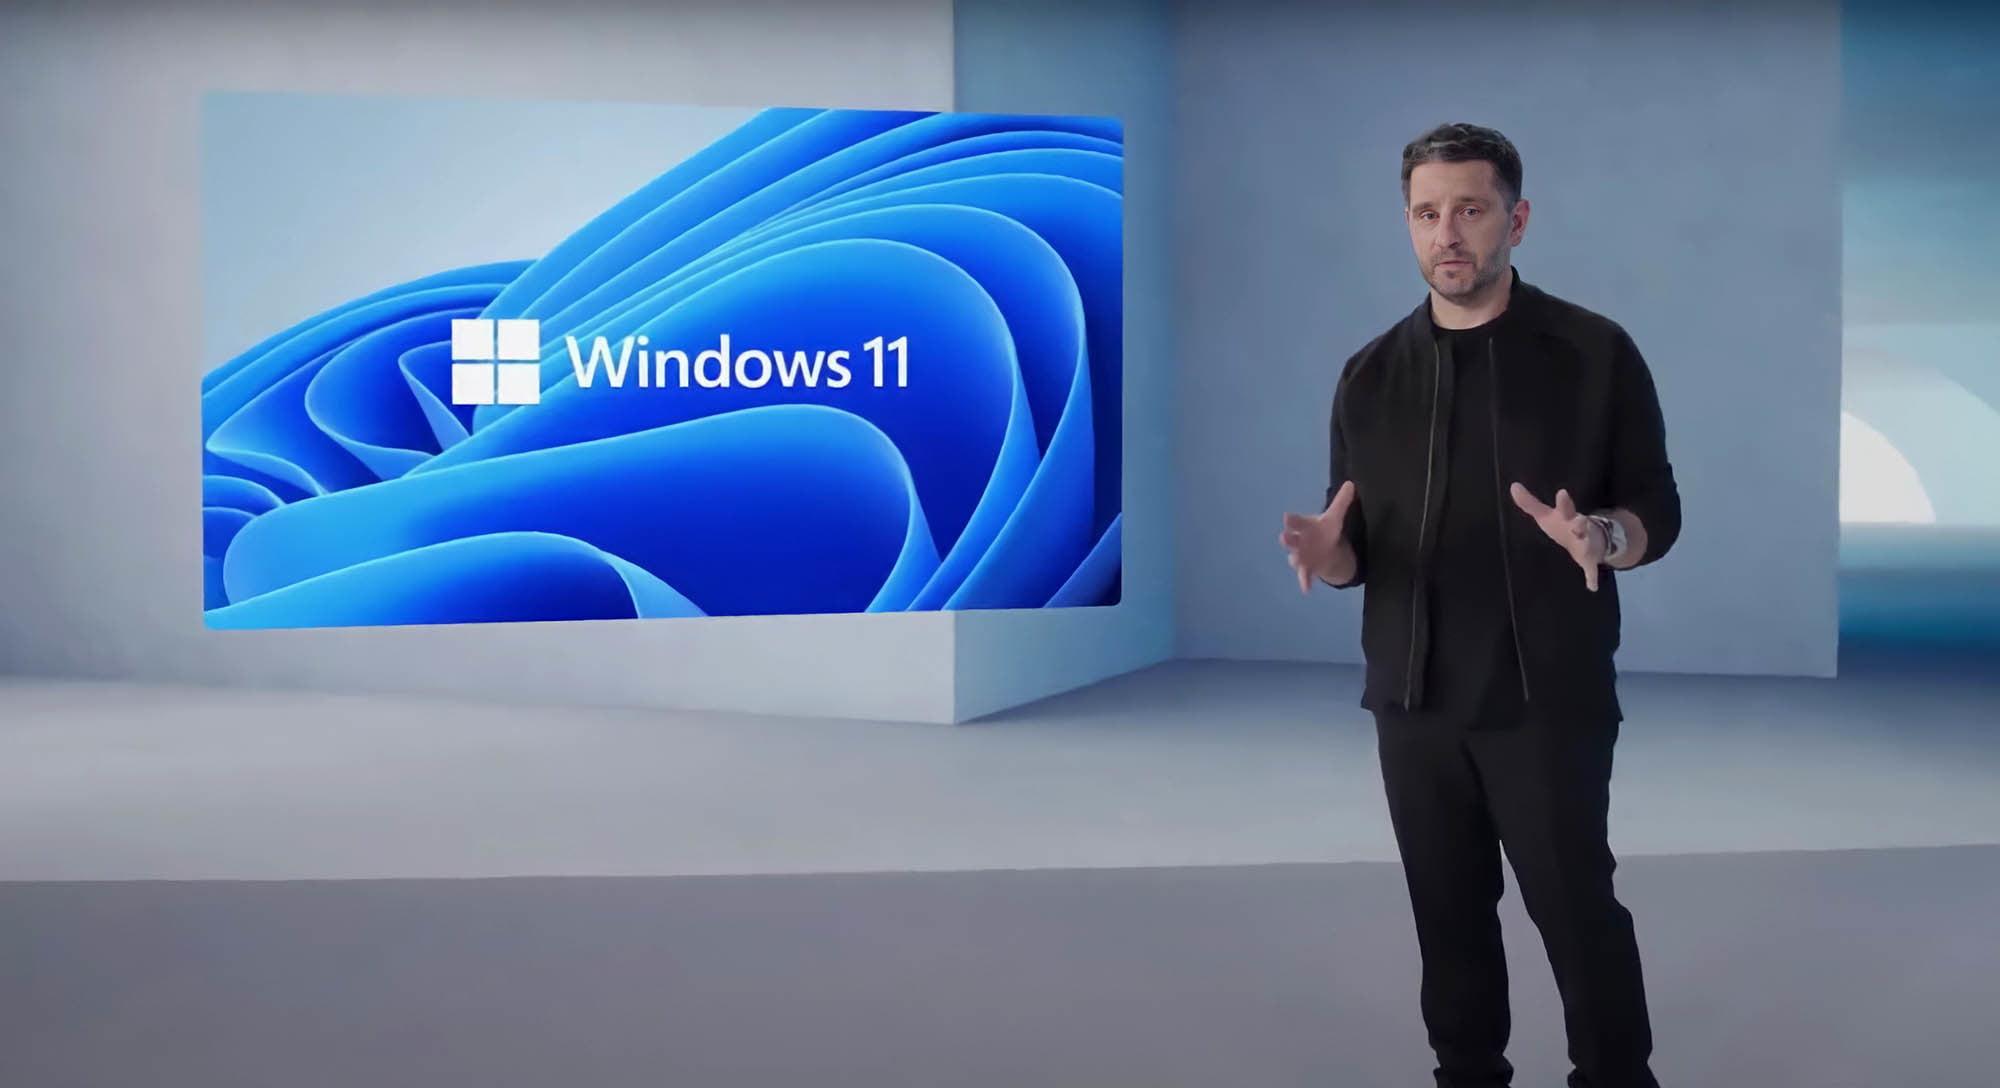 Windows 11 – كل ما تريد معرفته عن ويندوز 11 الجديد 2021